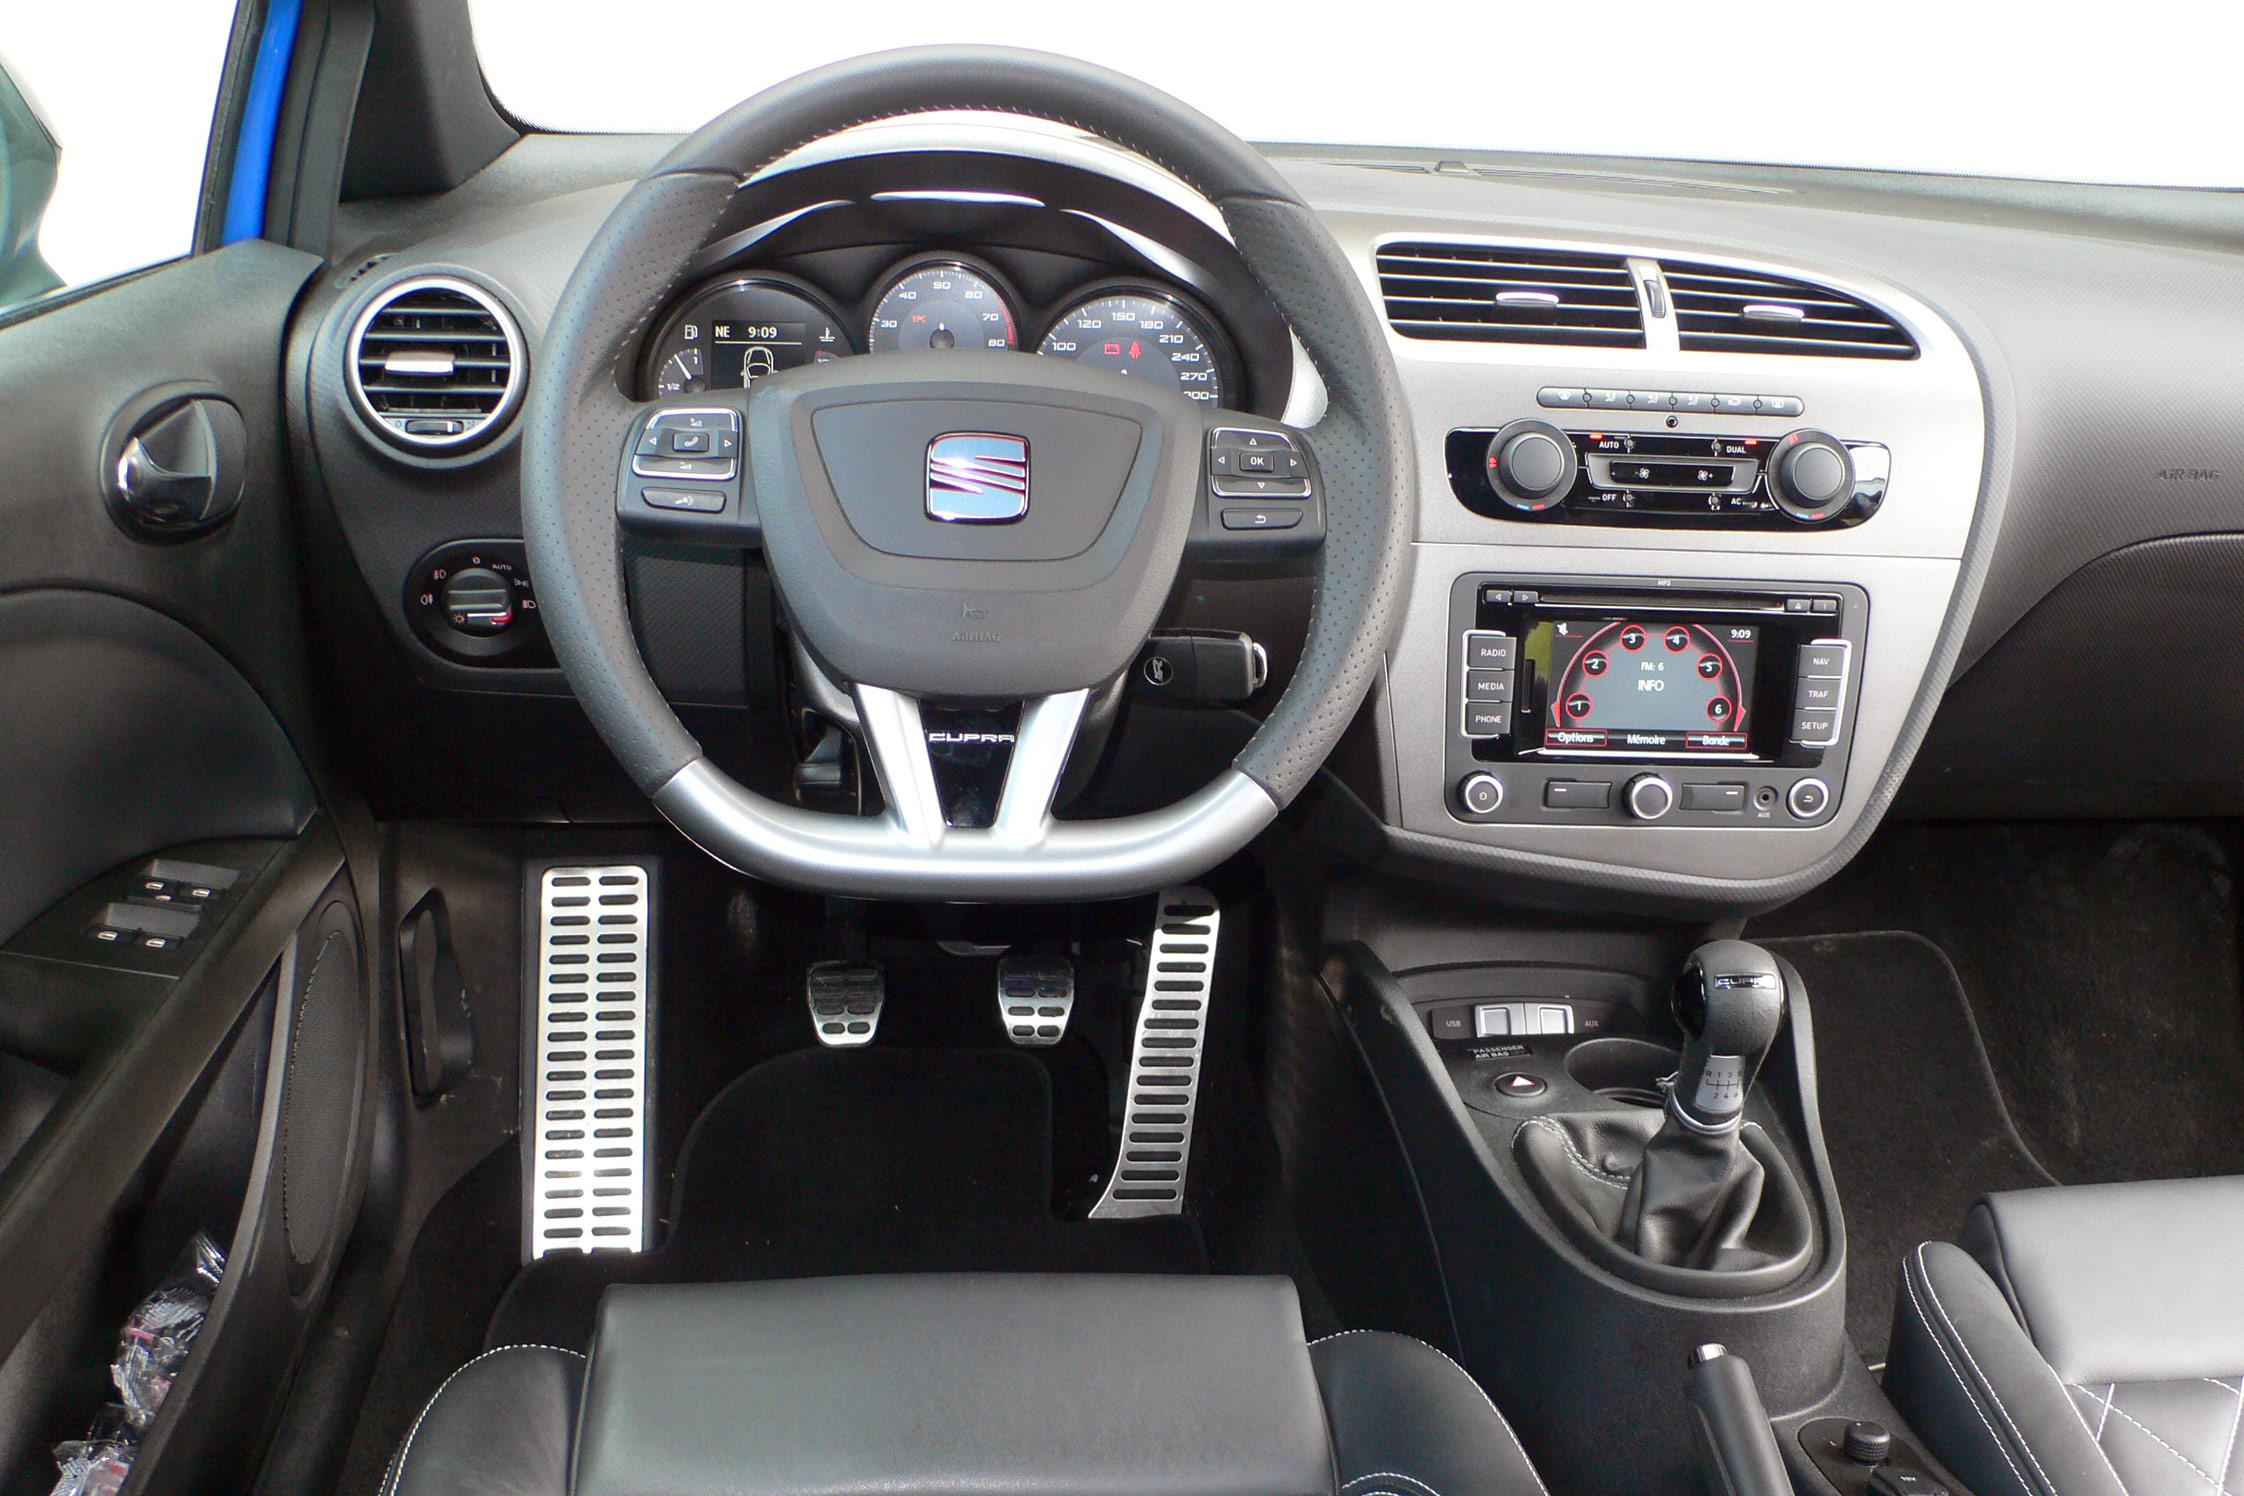 Essai seat leon cupra r motorlegend for Interieur seat ibiza cupra